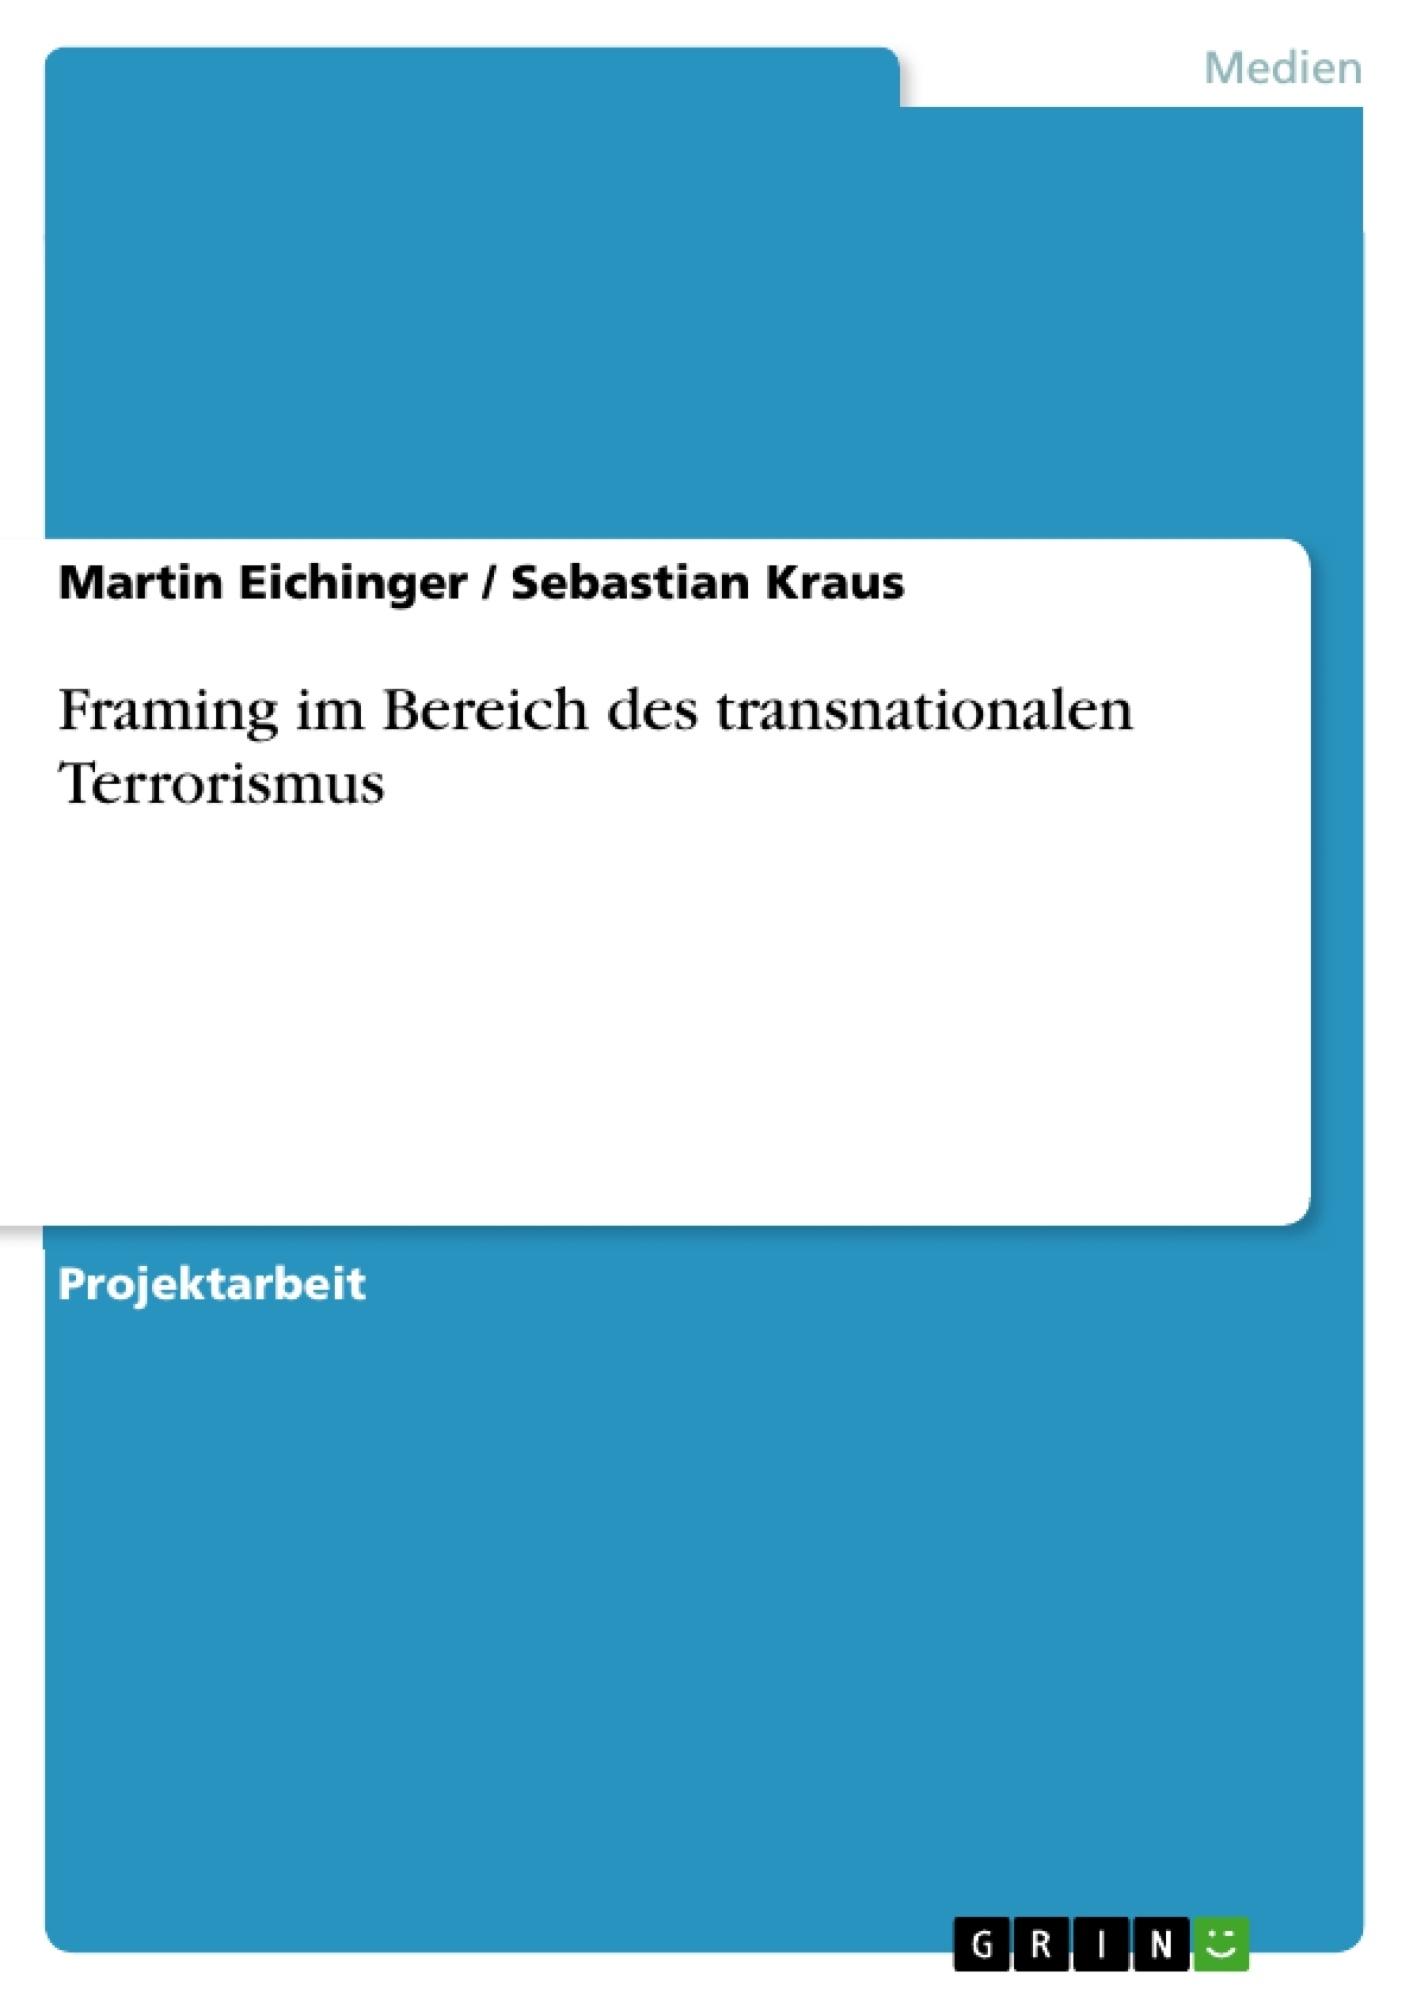 Titel: Framing im Bereich des transnationalen Terrorismus